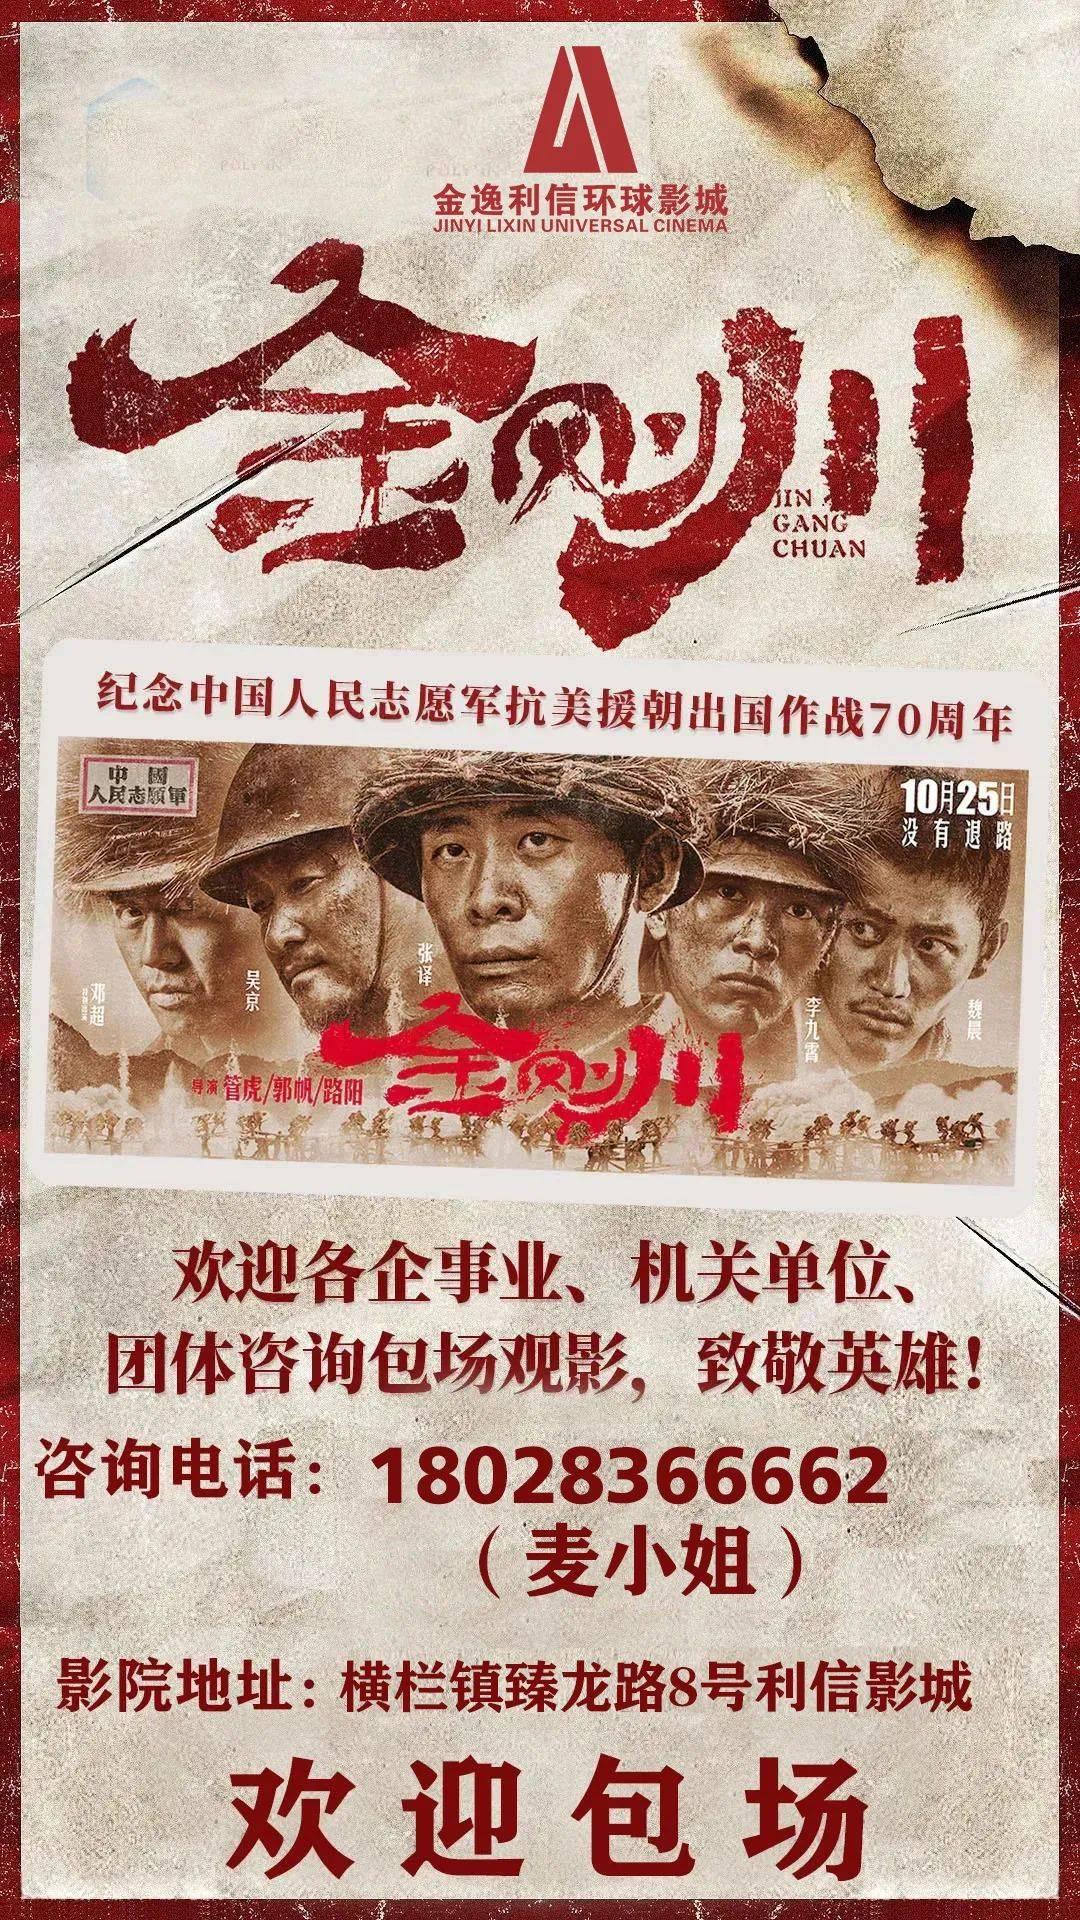 """一家中国电影院""""欢迎各企事业、机关单位""""包场观看《金刚川》的海报(来自网络)"""